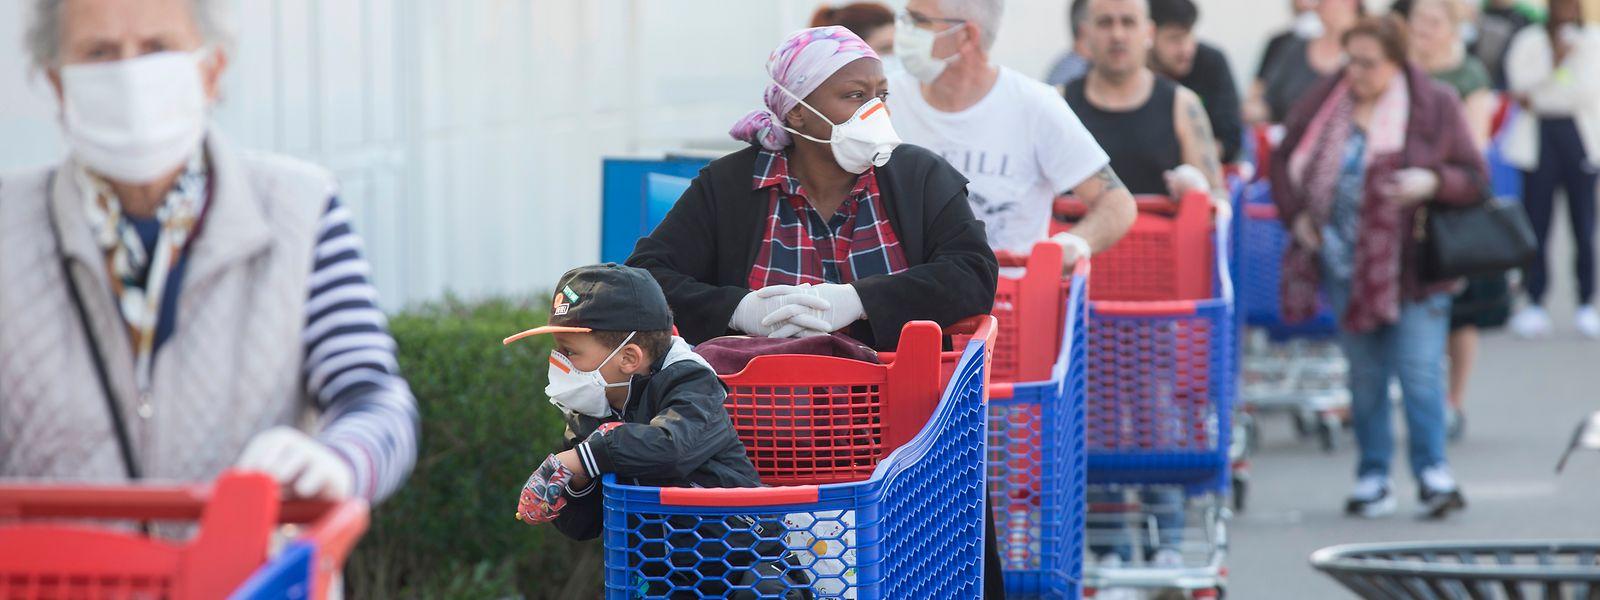 Im Supermarkt gehören sie fast schon zum guten Ton. Bald könnten Masken an einigen Orten zur Pflicht werden.